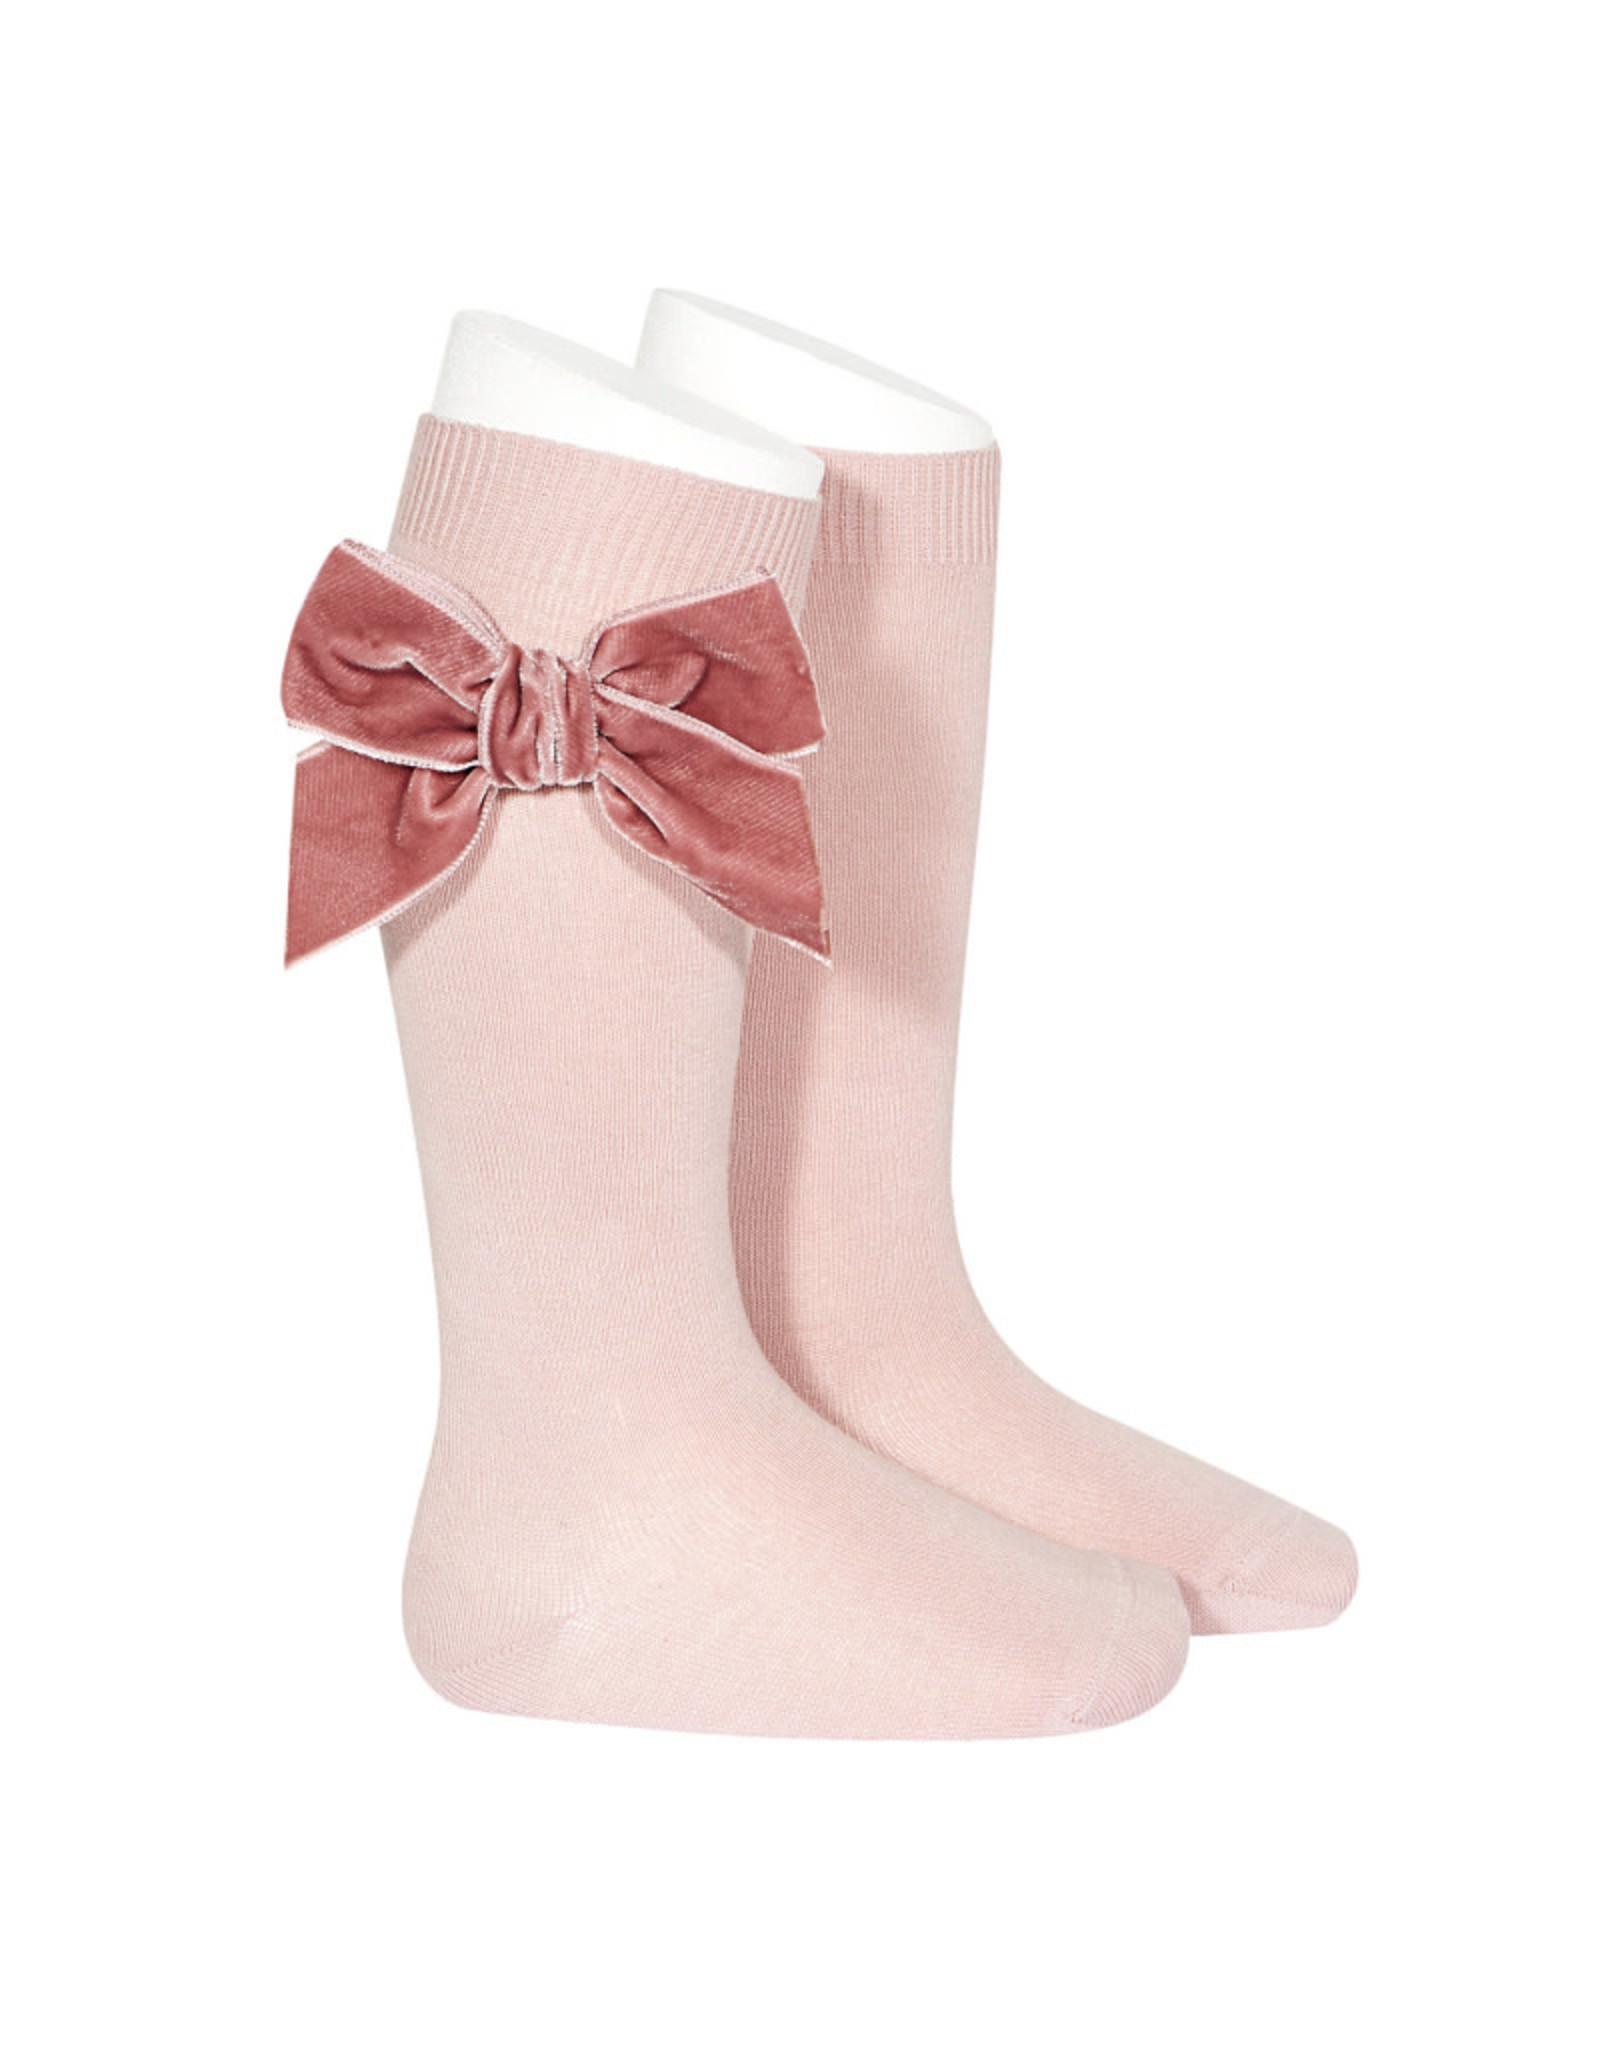 CONDOR Pale Pink Velvet Bow Socks